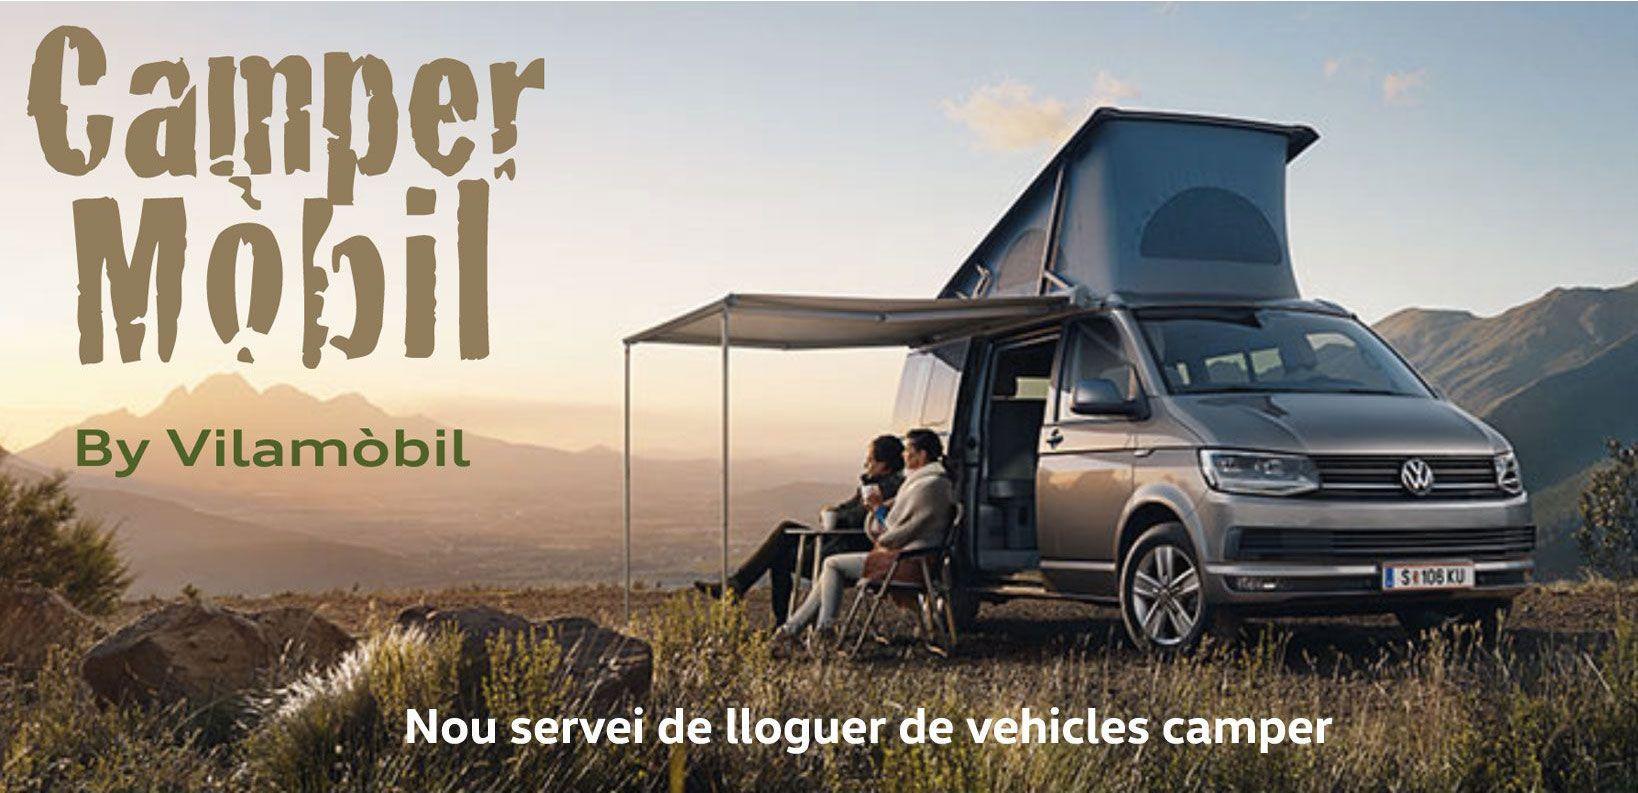 Campermòbil, lloguer de vehicles camper